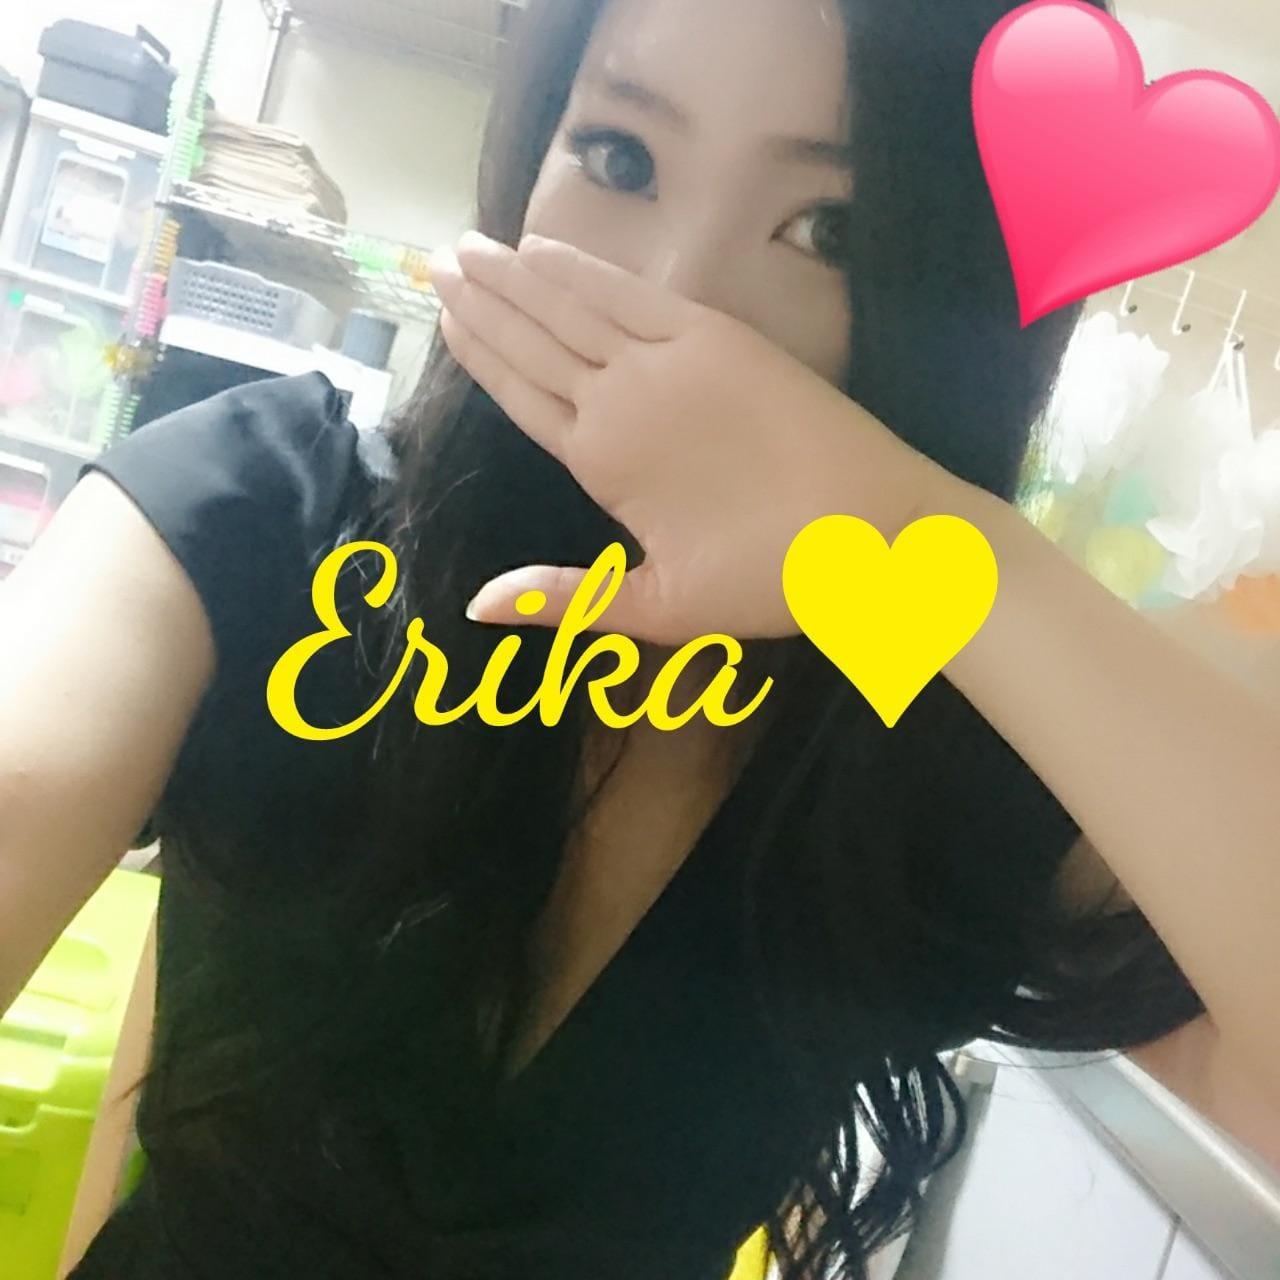 「出勤☆」10/09(火) 20:20 | Erikaの写メ・風俗動画